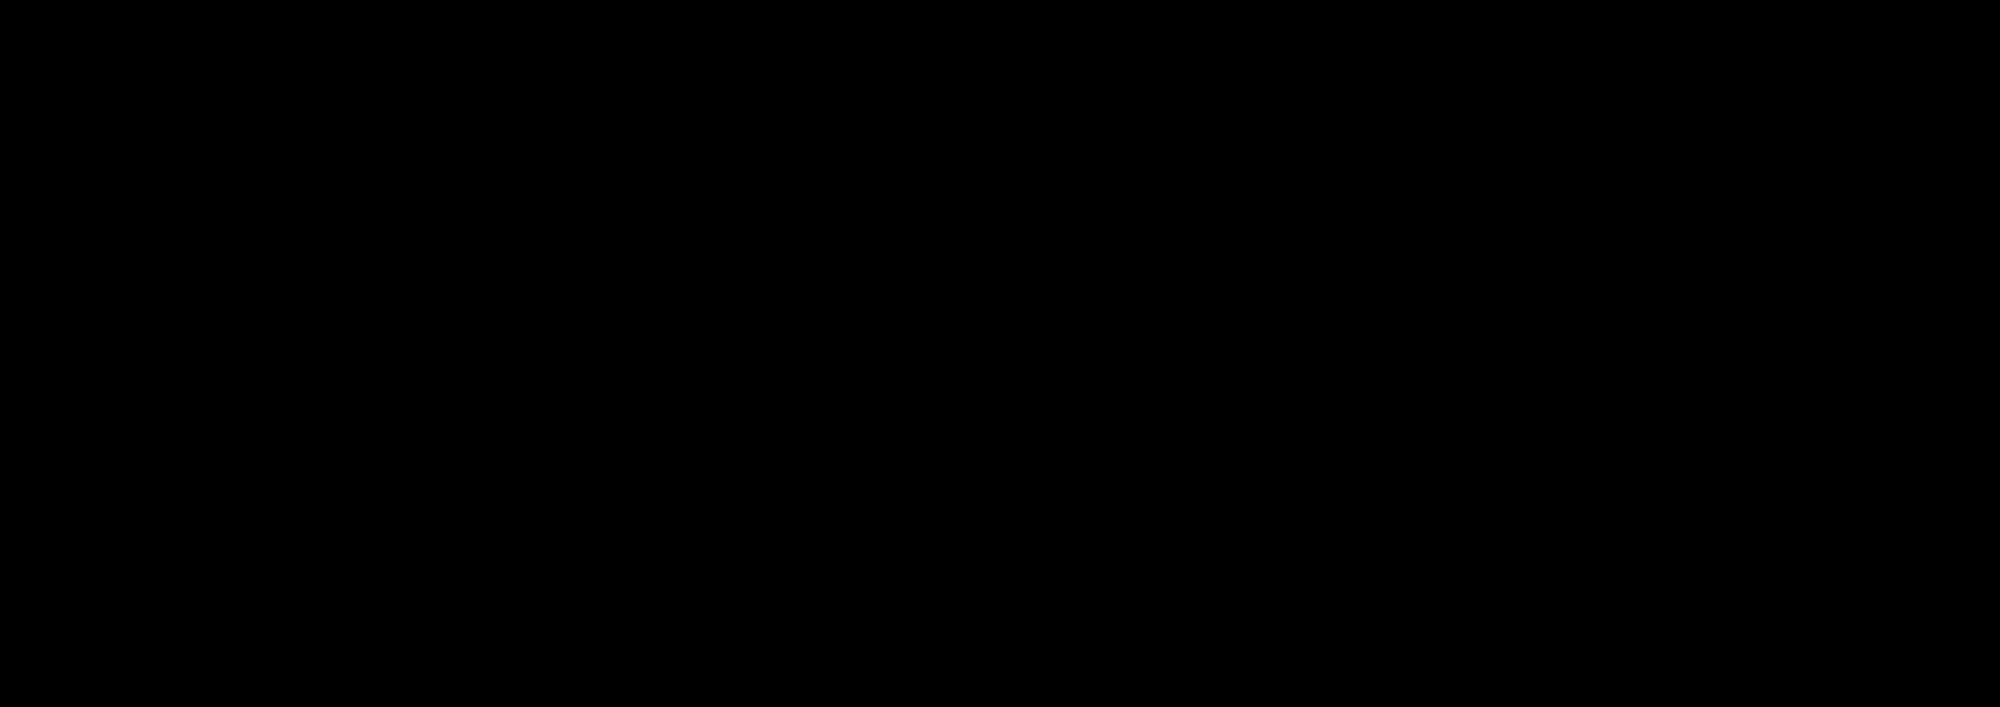 cambon-hover